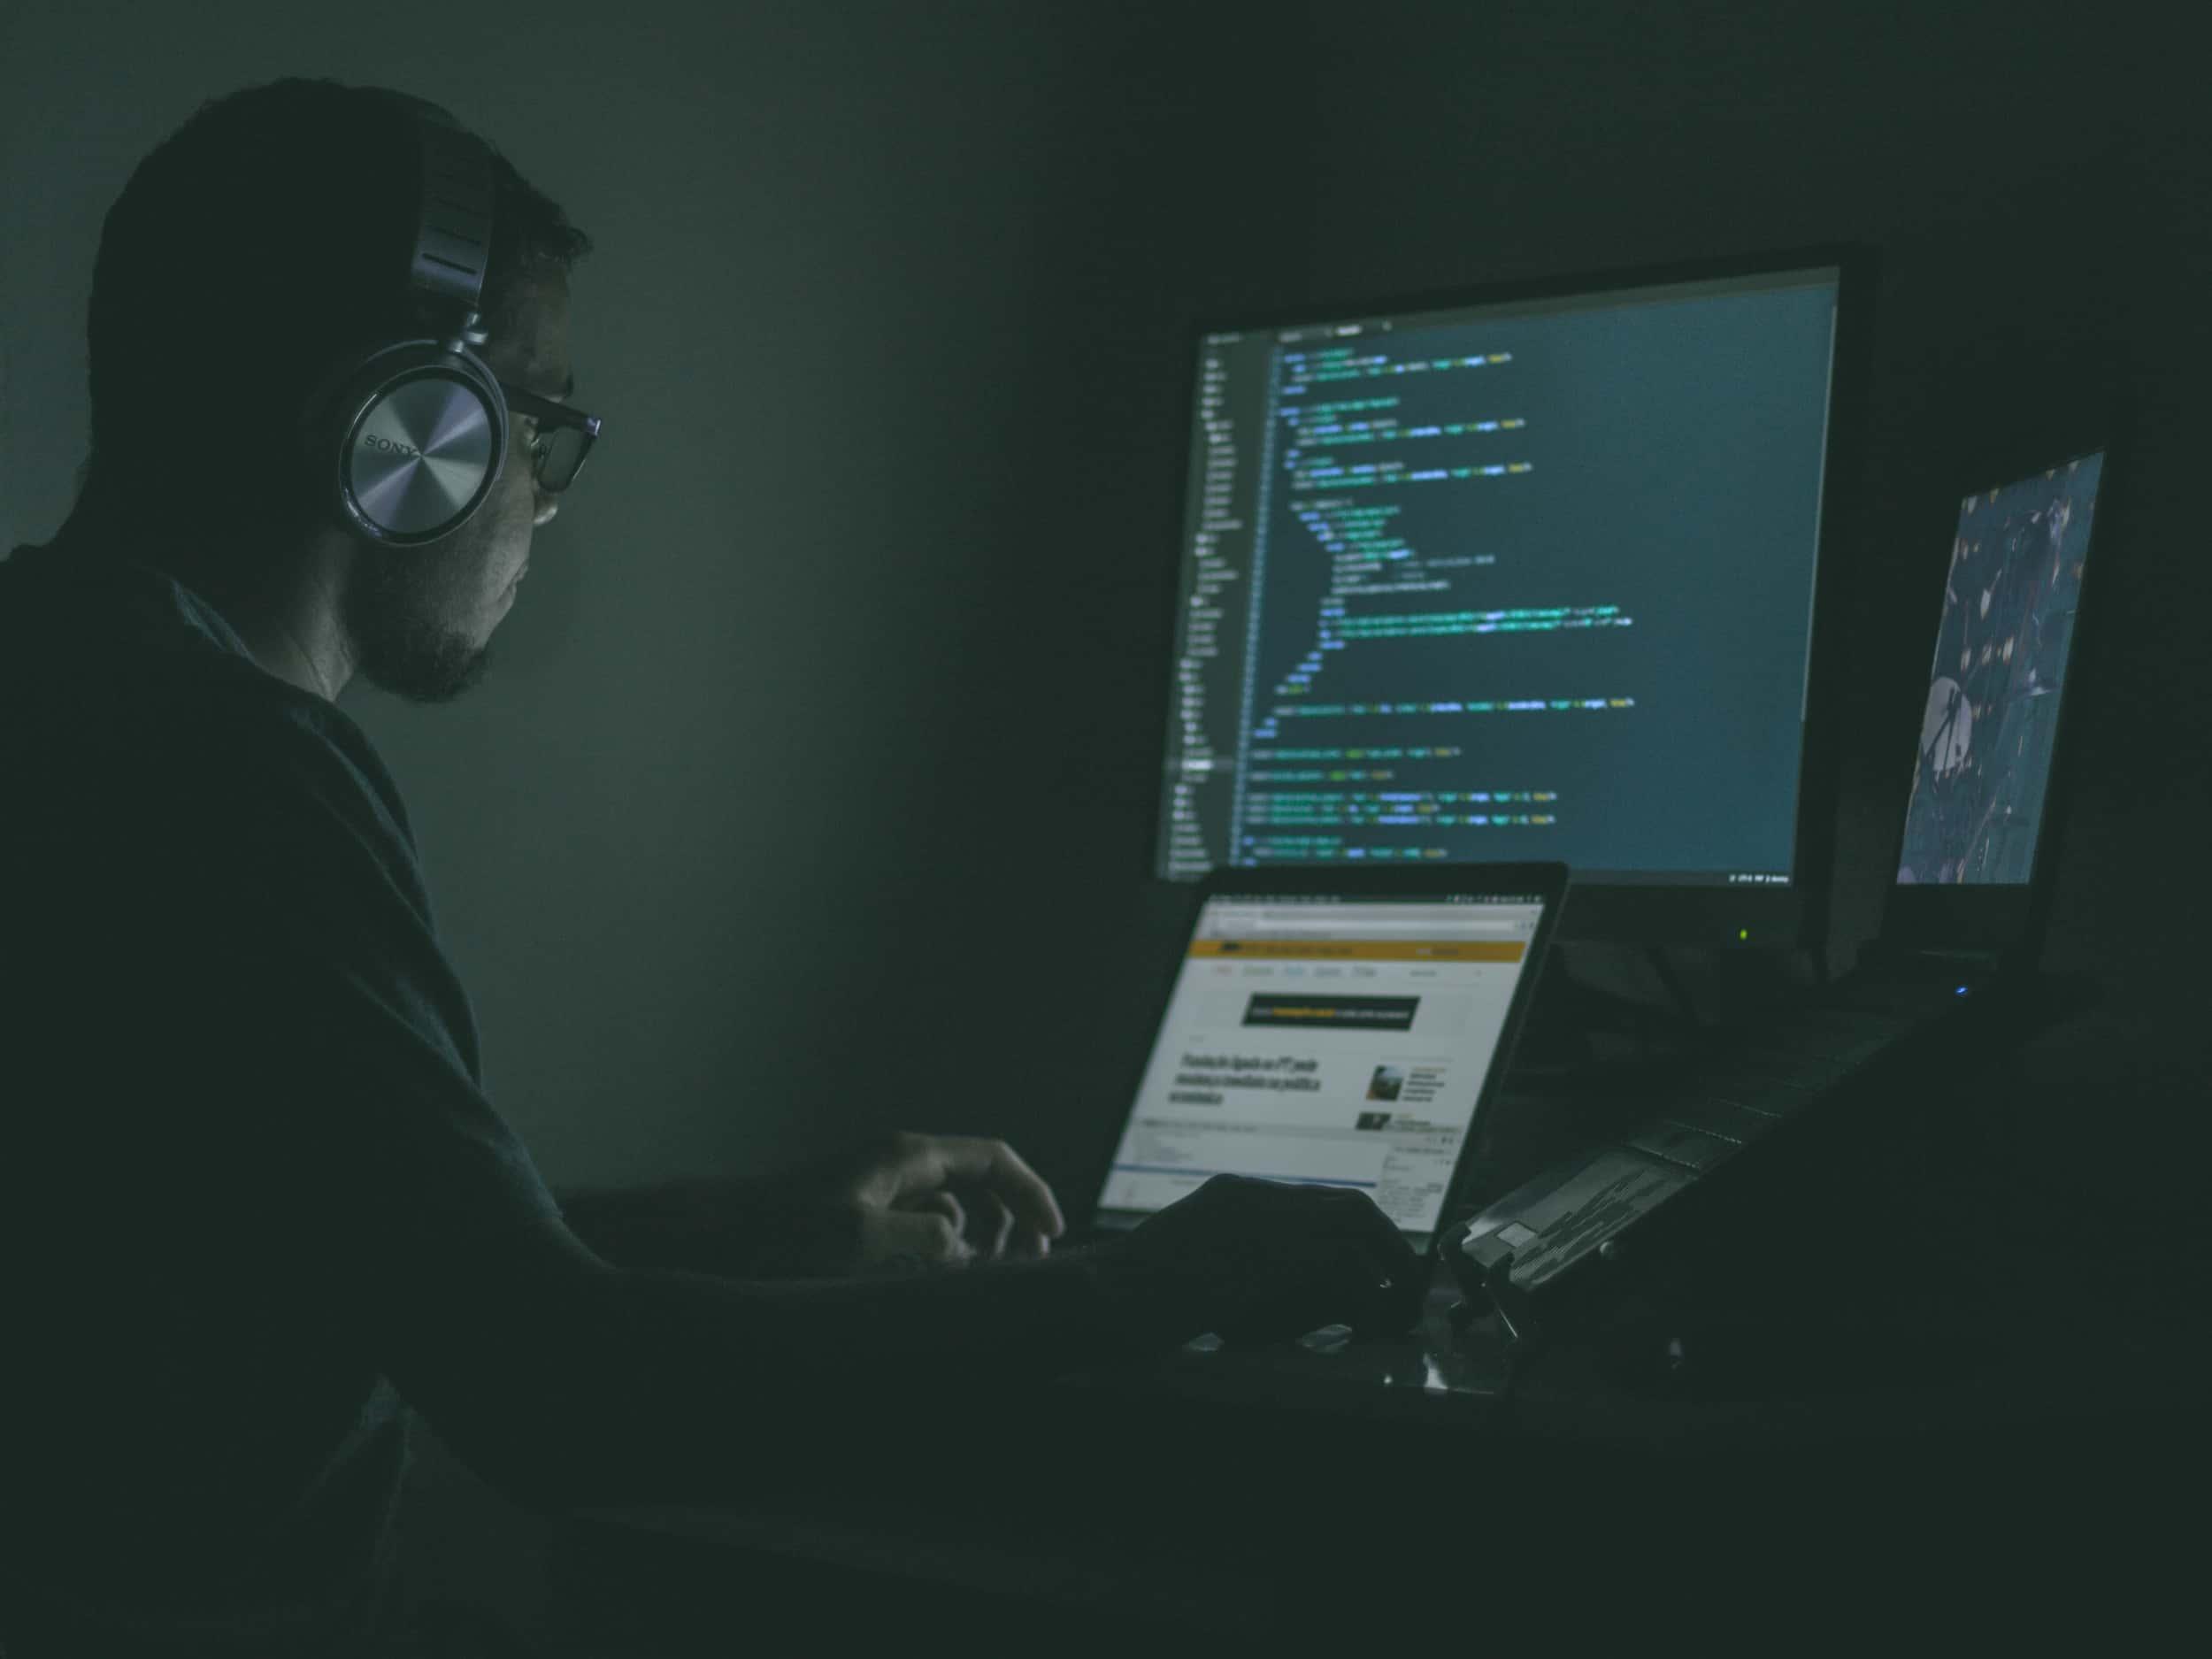 Hacker vor mehreren Computermonitoren im Dunkeln